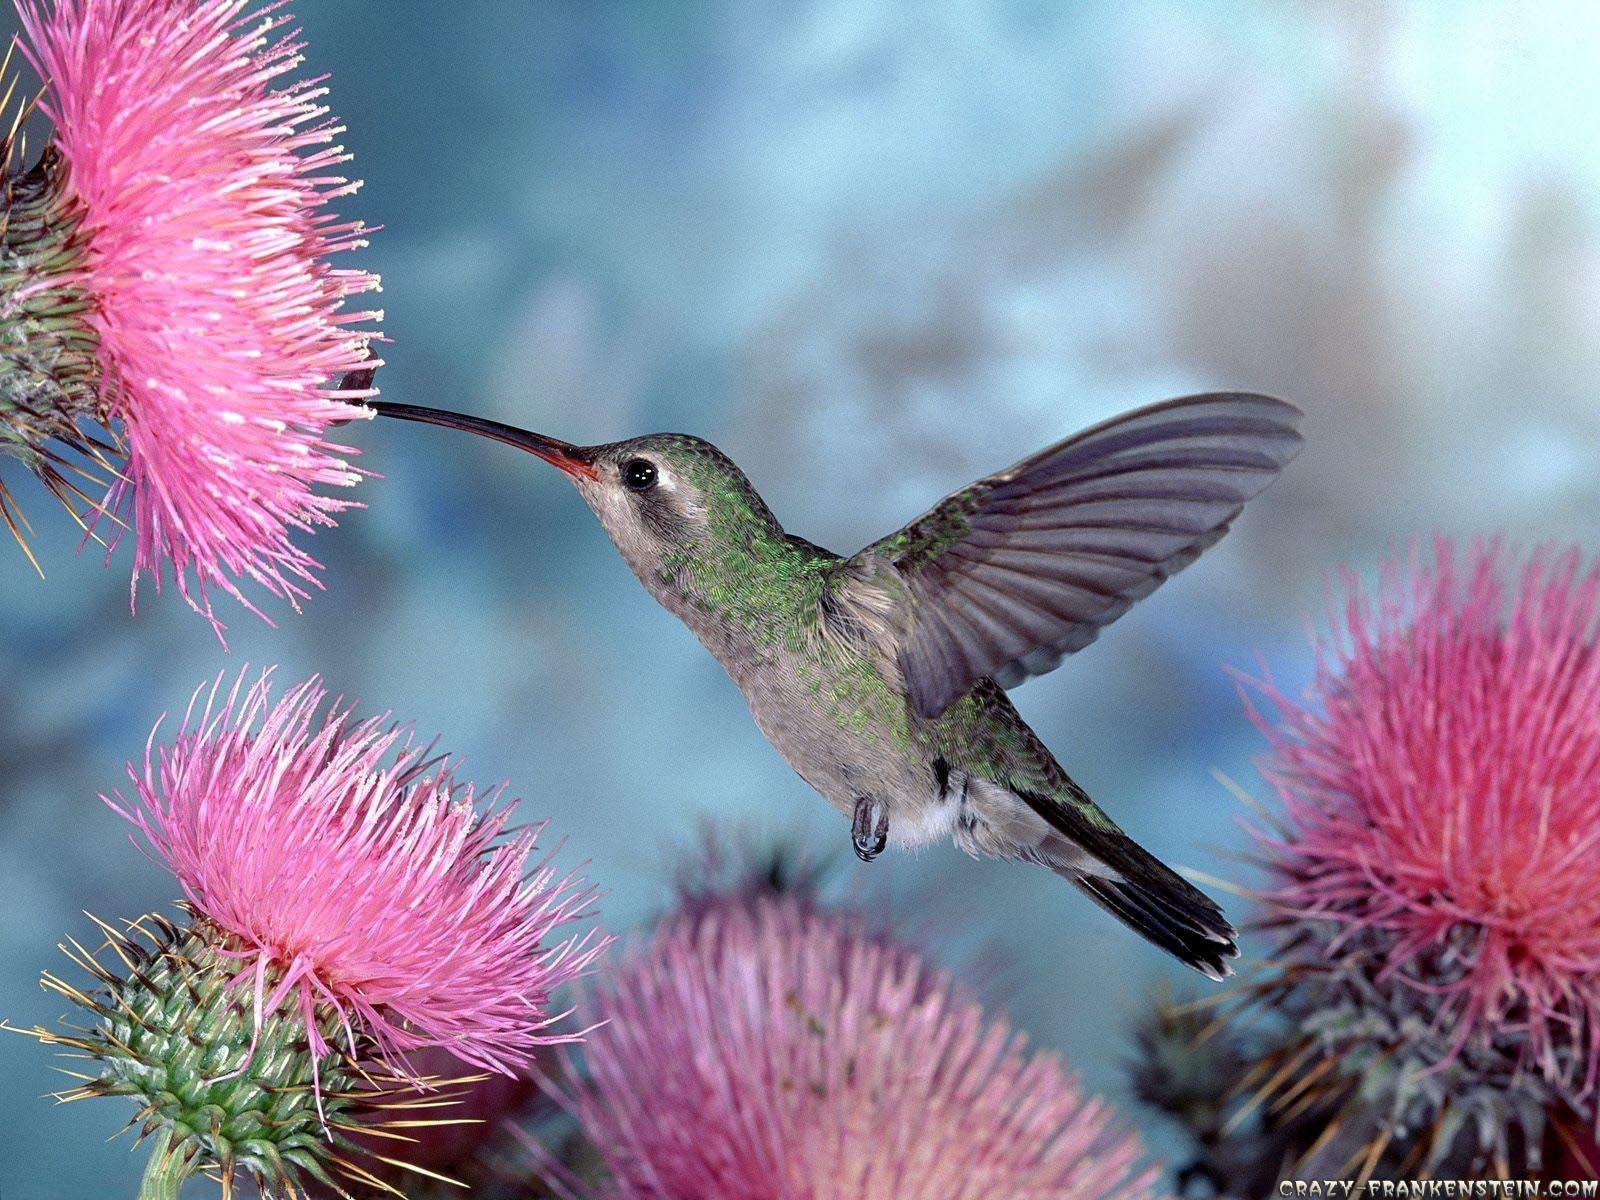 http://1.bp.blogspot.com/-QLiWja_1Lbw/Ti1xxcuMhCI/AAAAAAAAMbg/QpPzjhOh2aM/s1600/hummingbird%2Bwallpaper-3.jpg